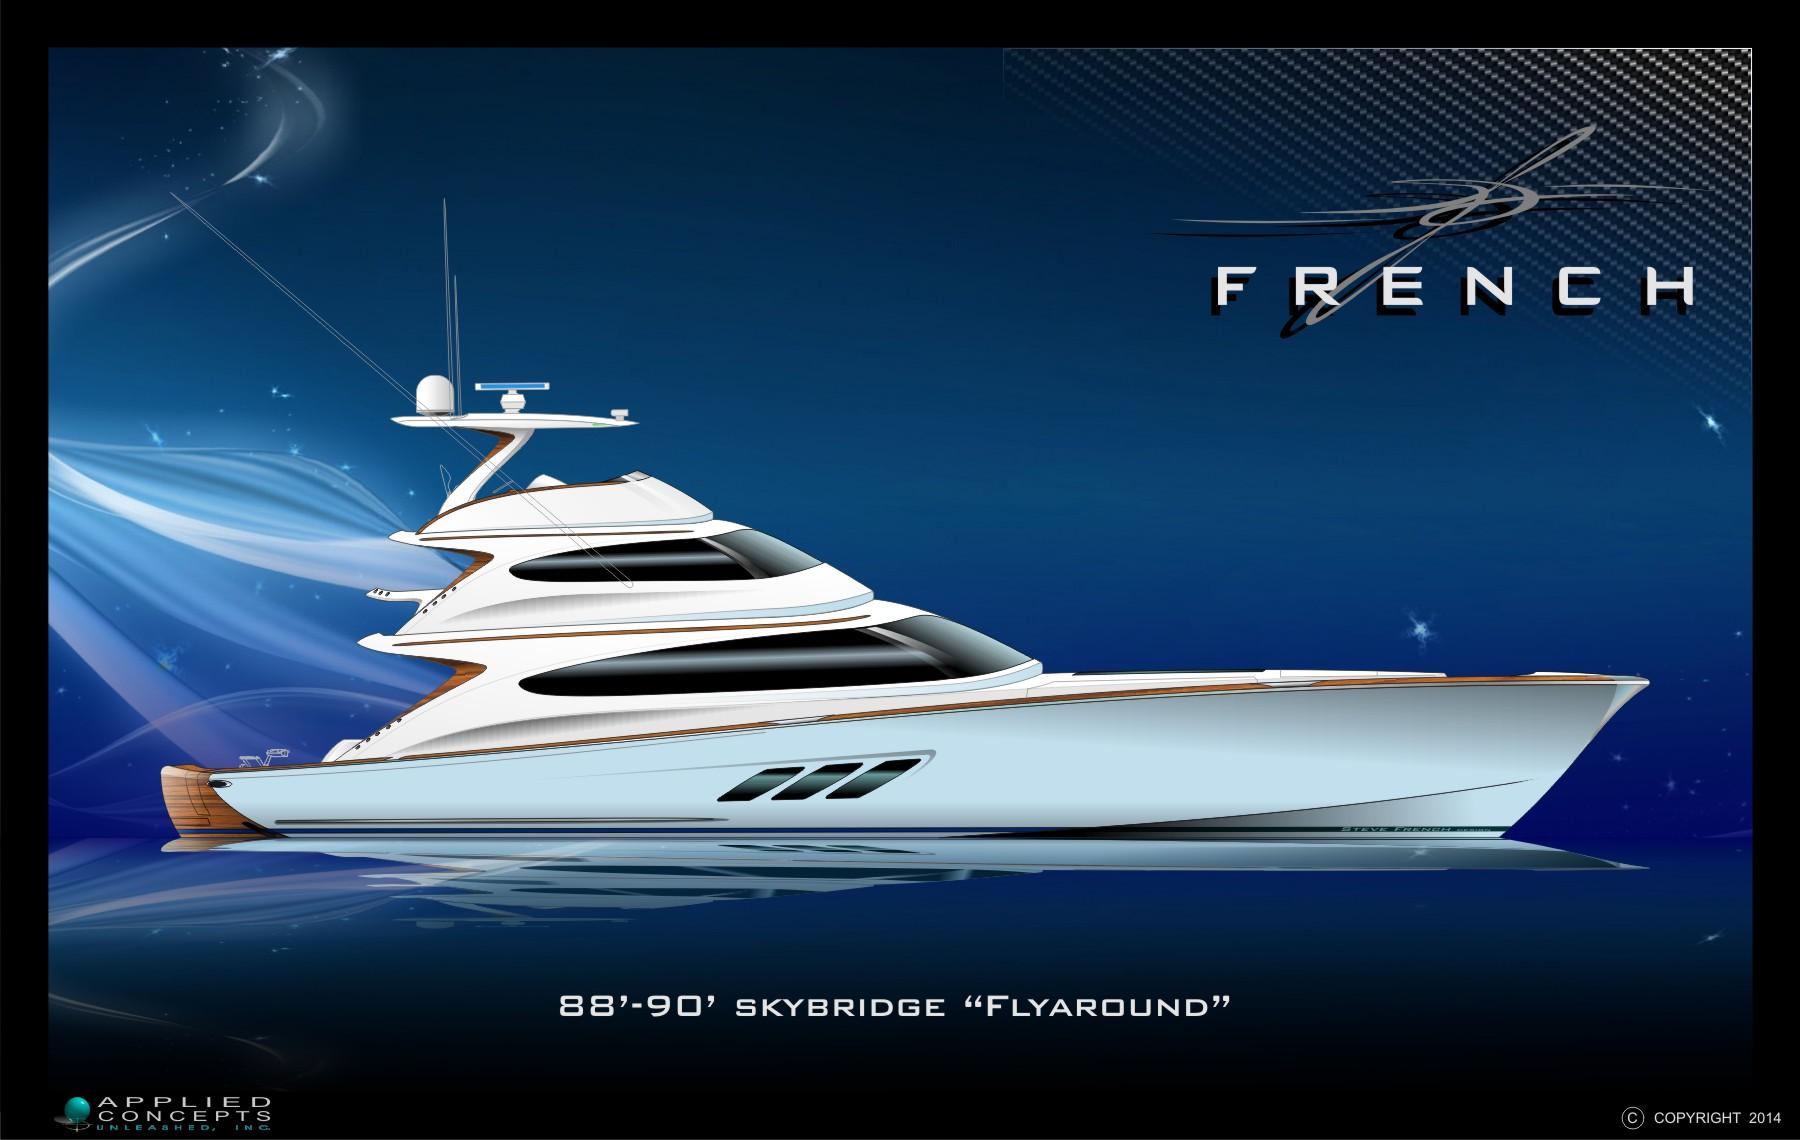 88-90 Skybridge Flyarounds